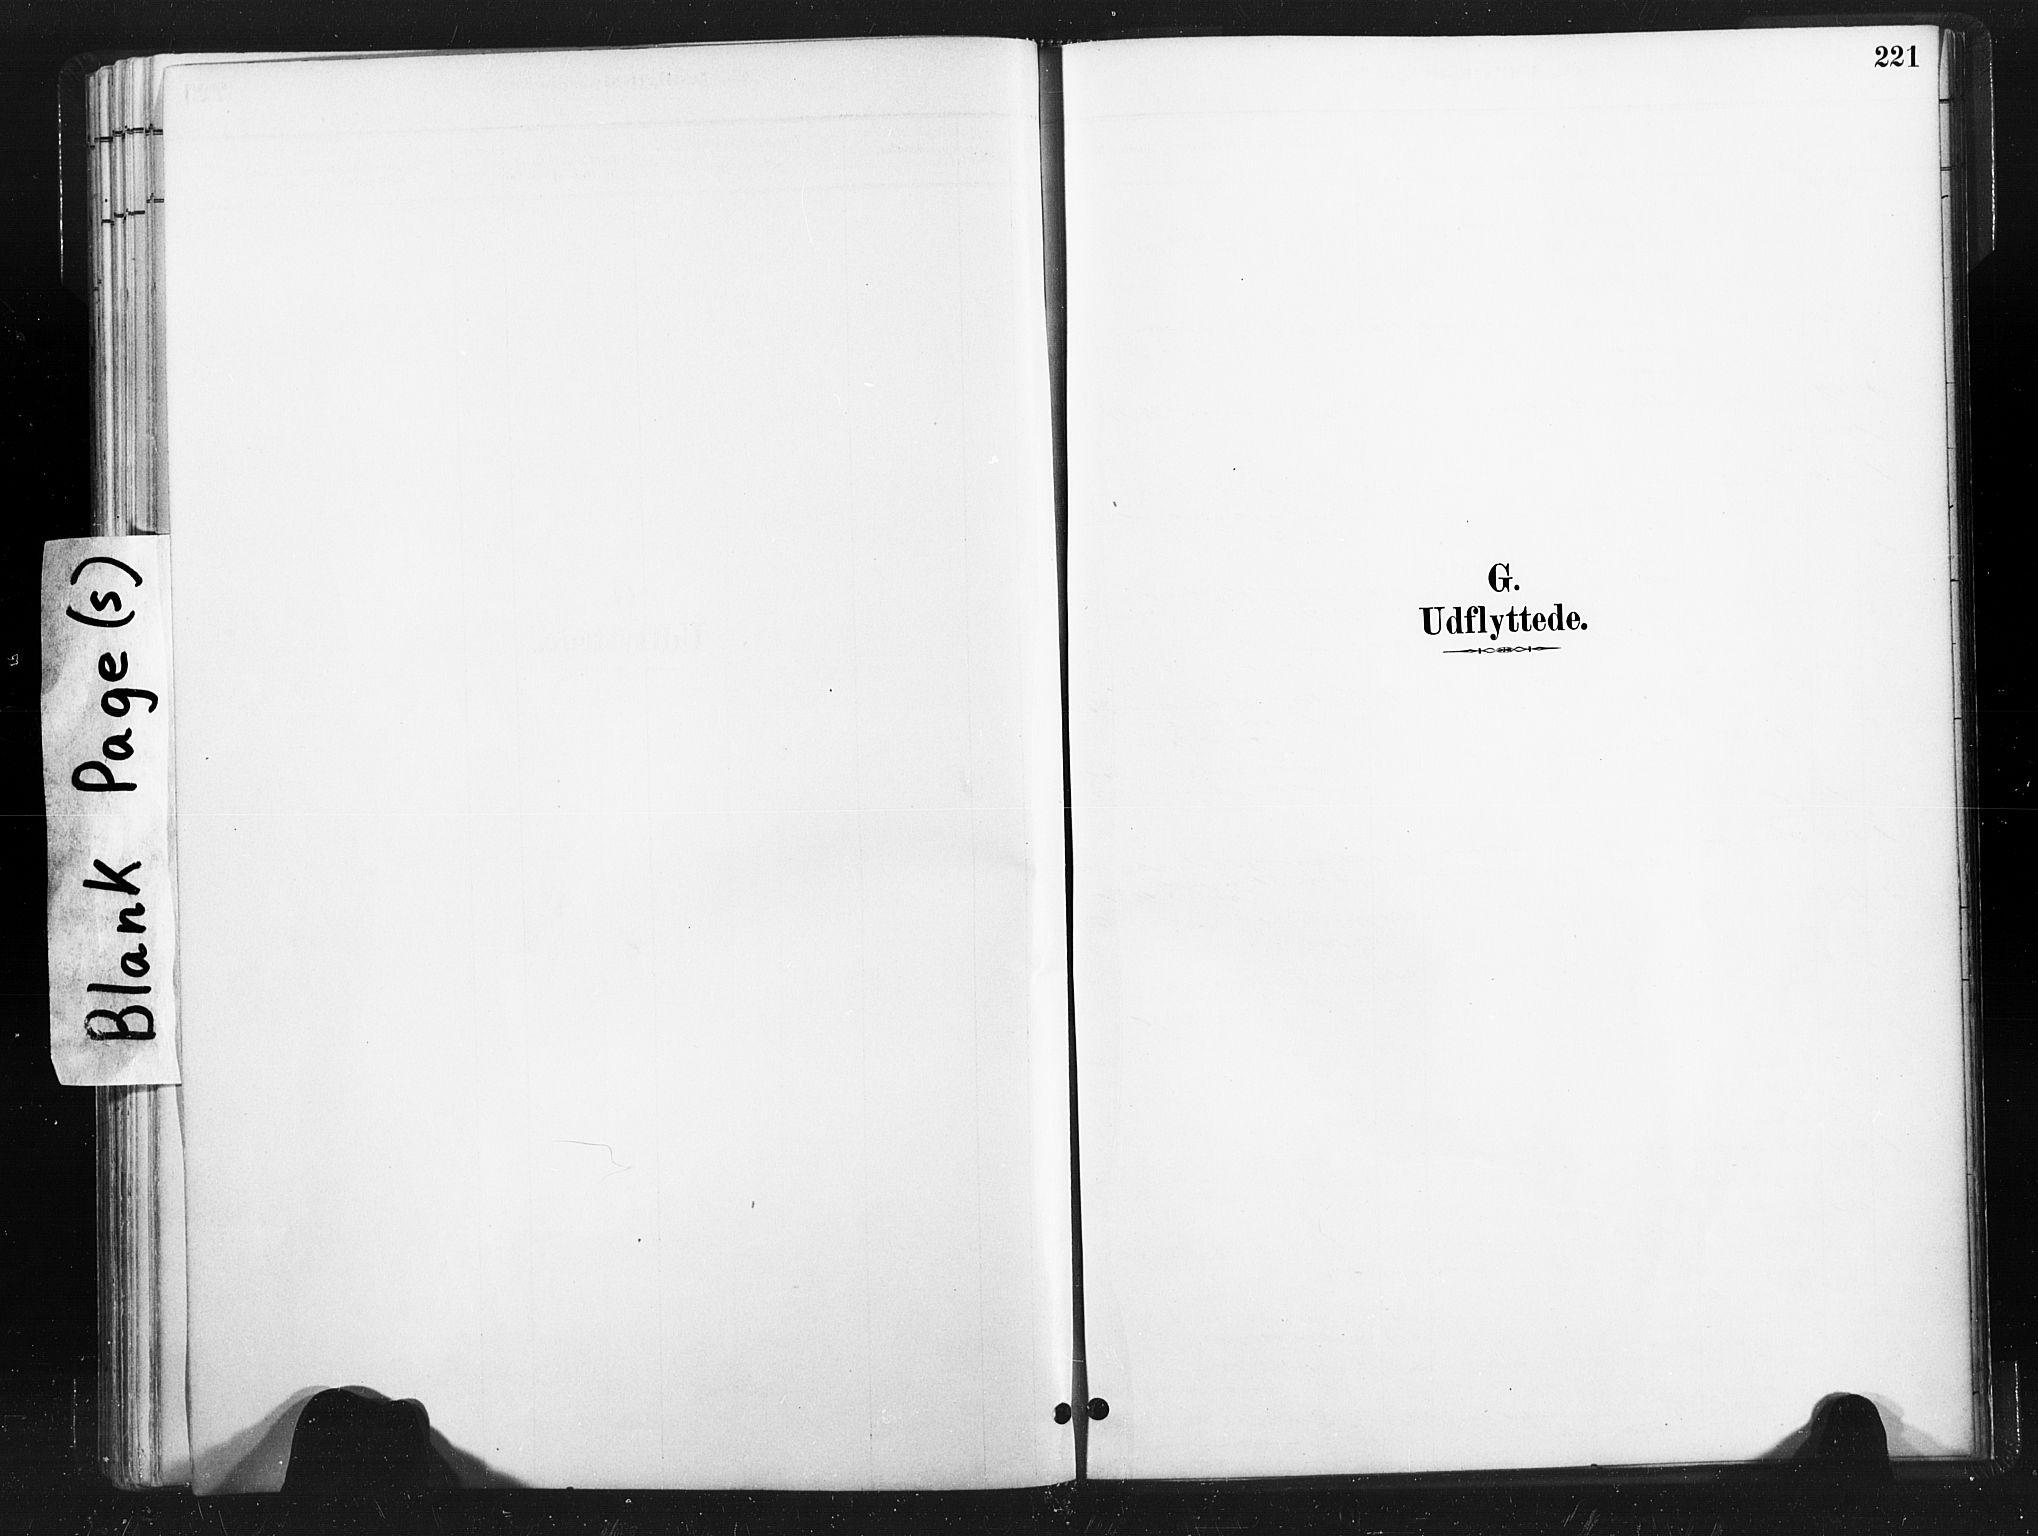 SAT, Ministerialprotokoller, klokkerbøker og fødselsregistre - Nord-Trøndelag, 736/L0361: Ministerialbok nr. 736A01, 1884-1906, s. 221